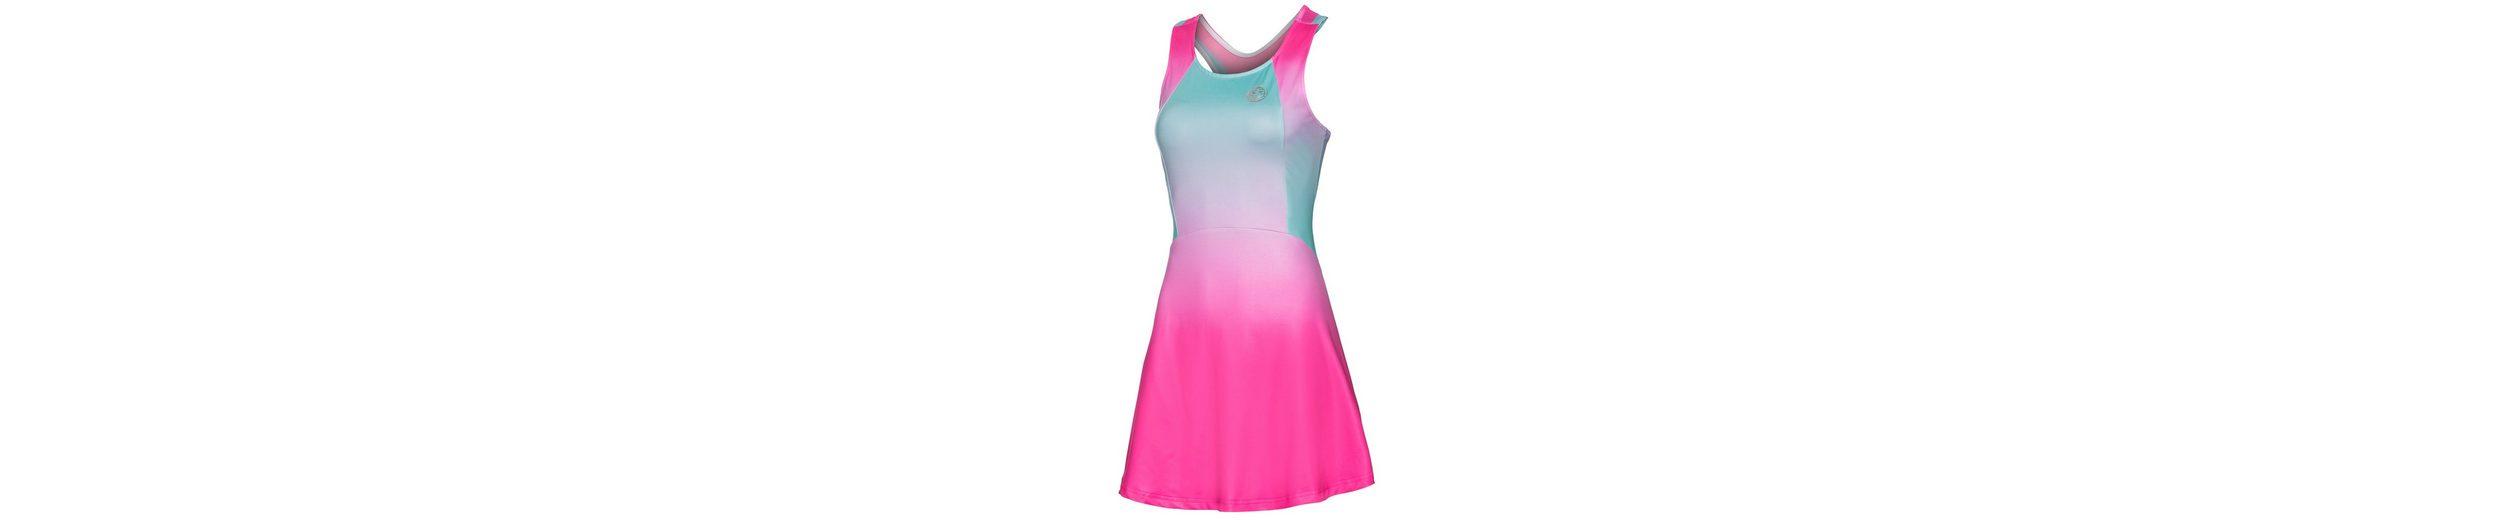 Ebay Günstig Online BIDI BADU Tenniskleid im 3in1-Design Avril Abschlagen Billige Sammlungen rhEWeM